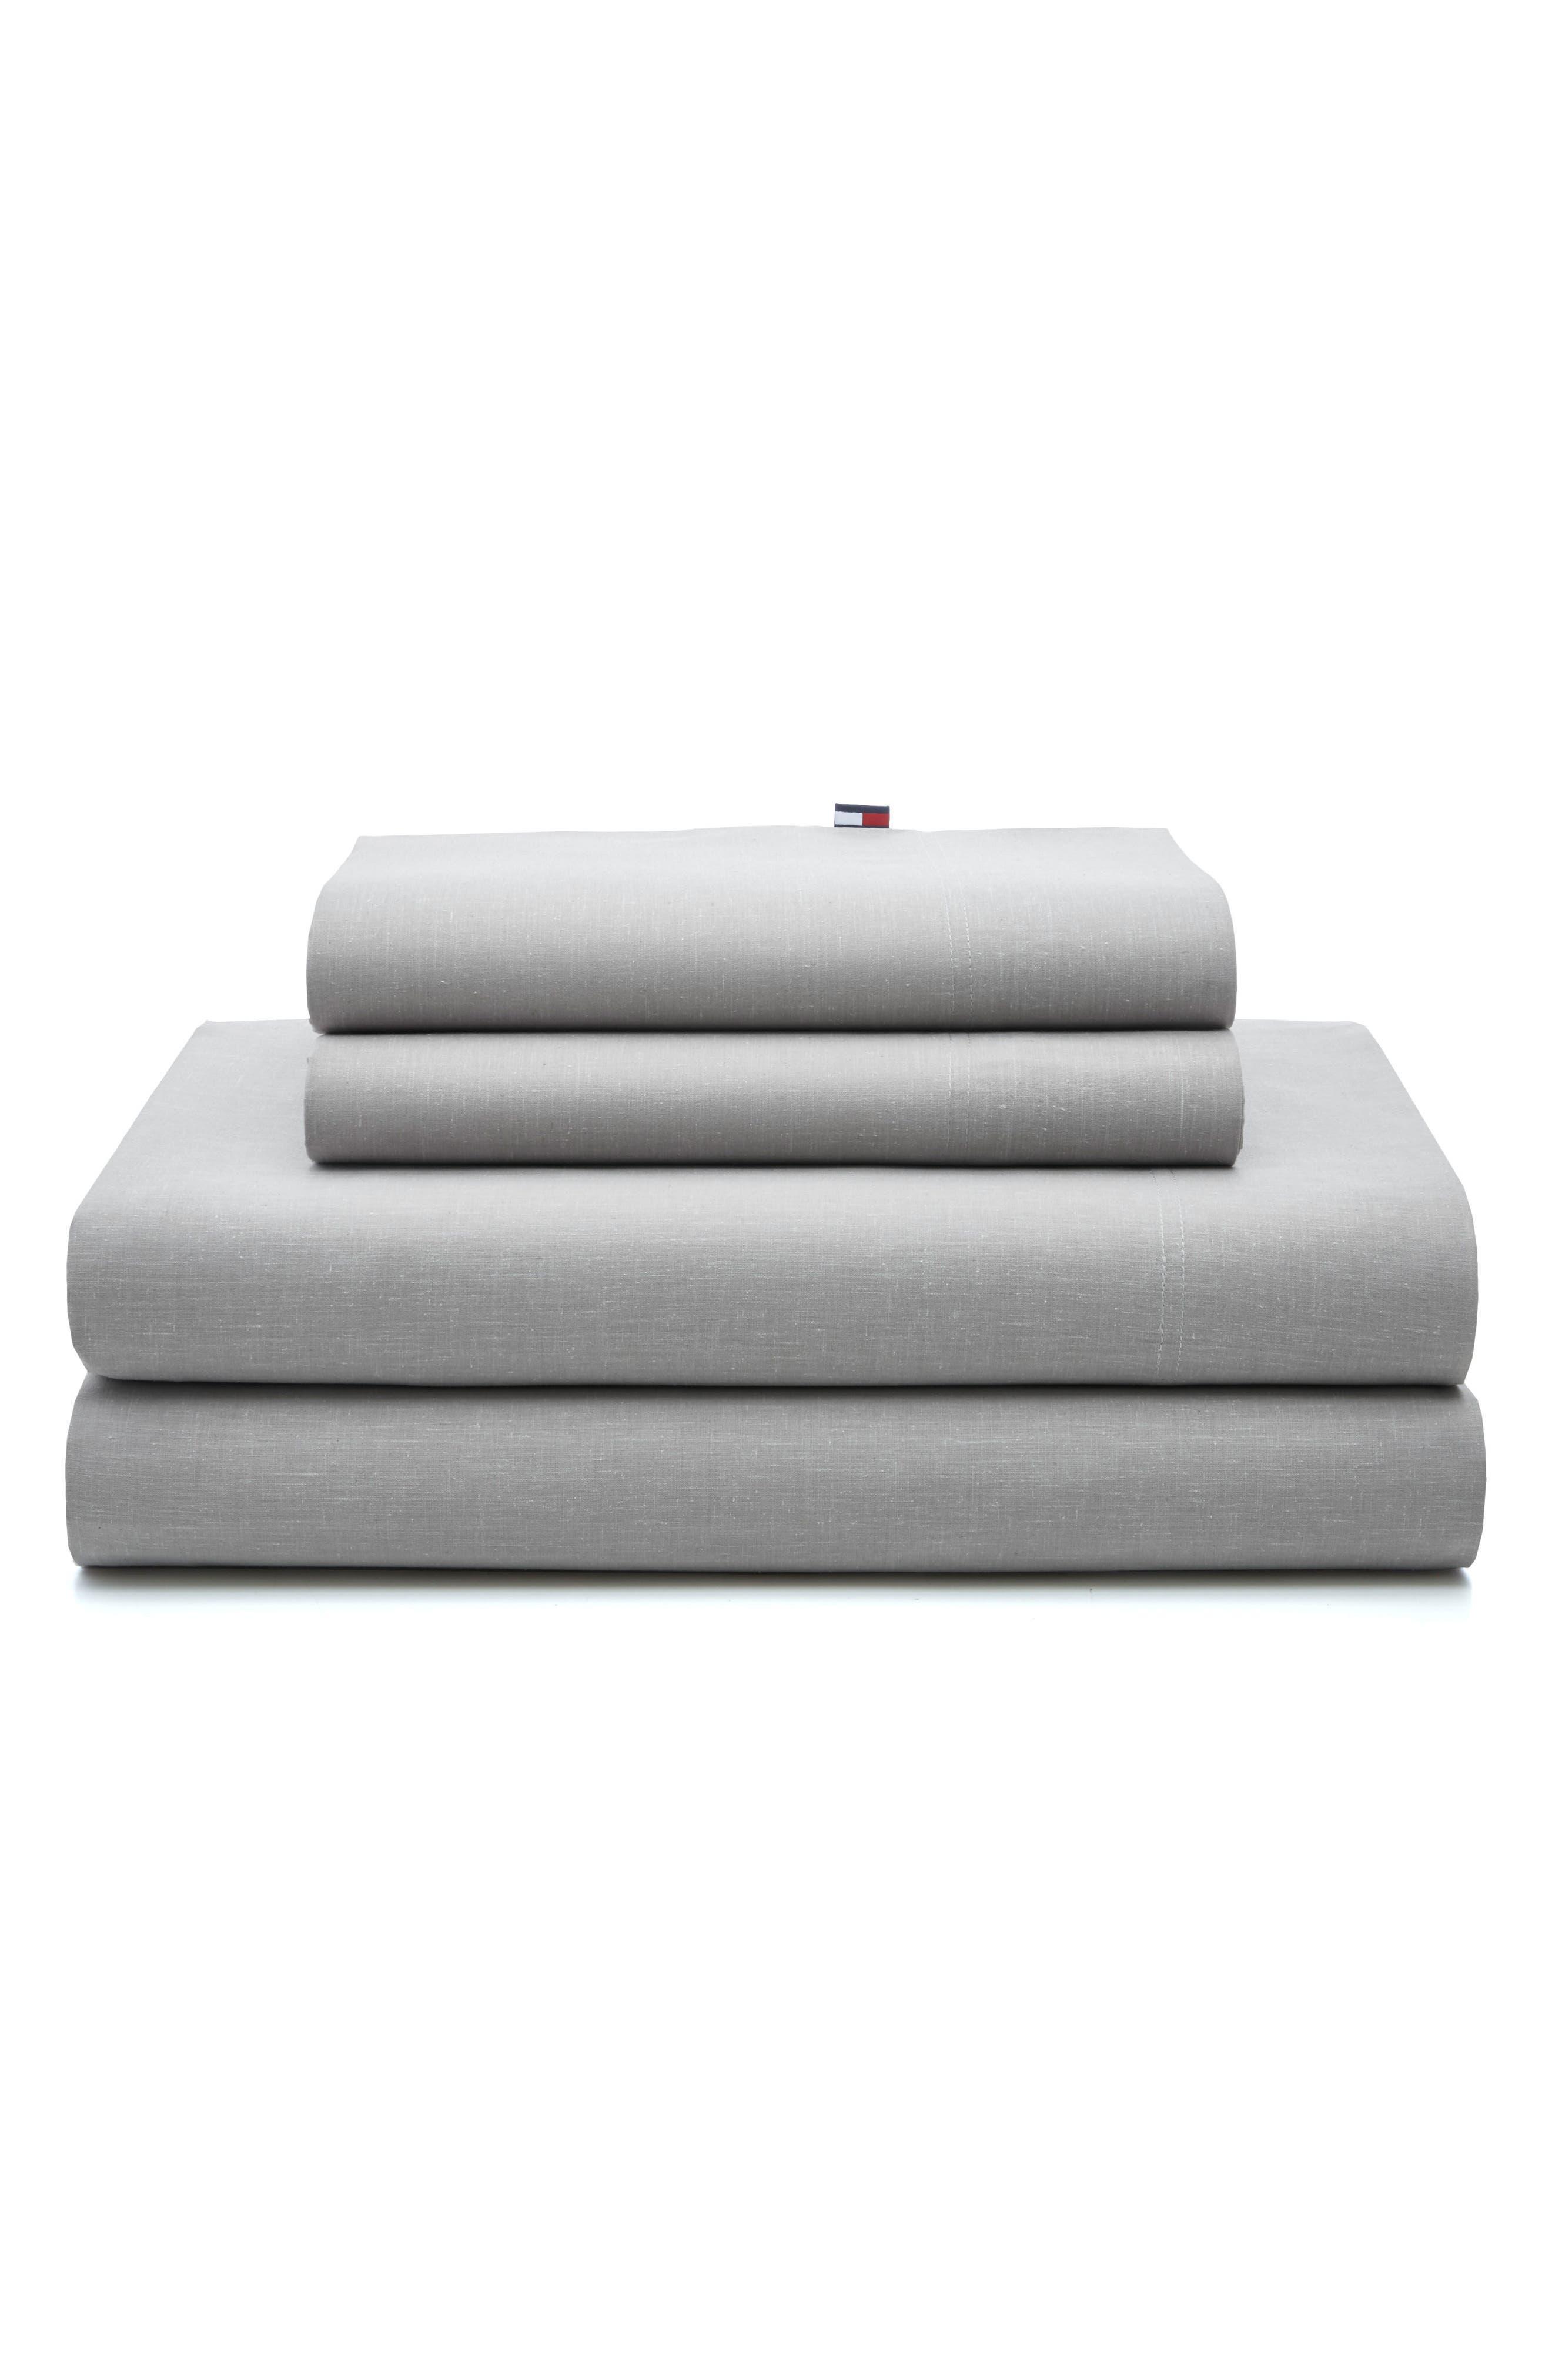 Chambray Pillowcases,                             Main thumbnail 1, color,                             Light Grey